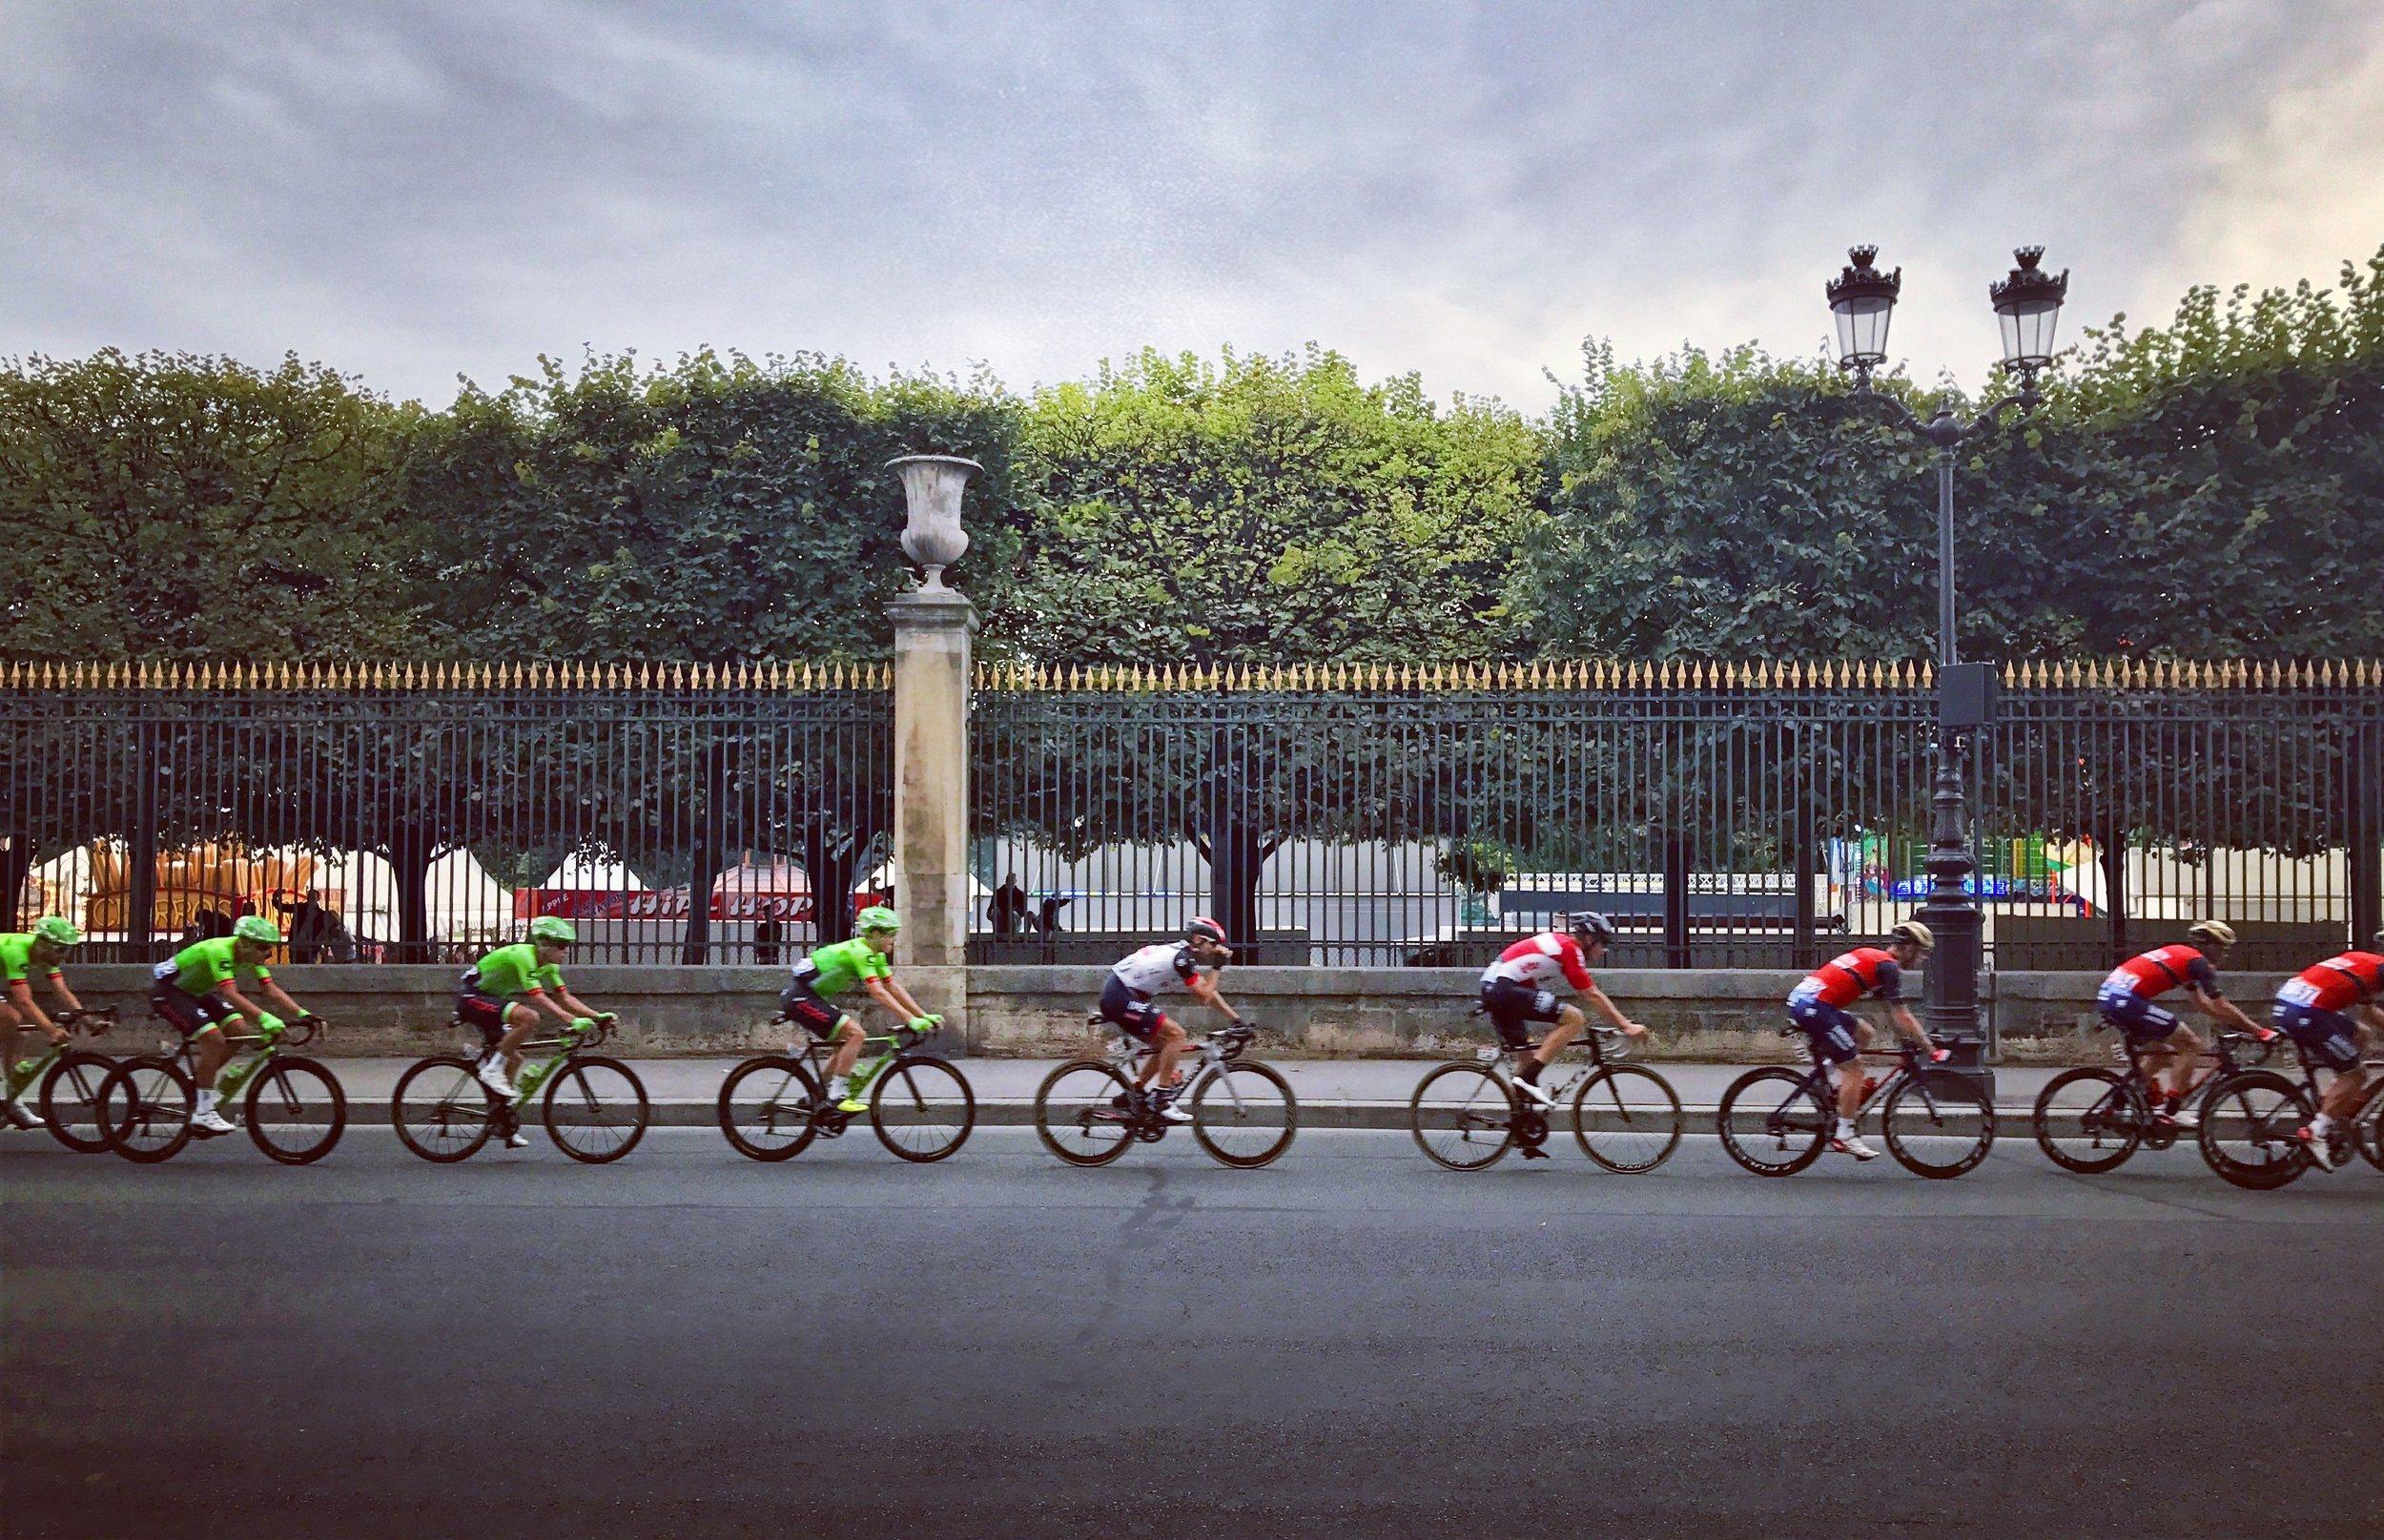 The Tour de France!